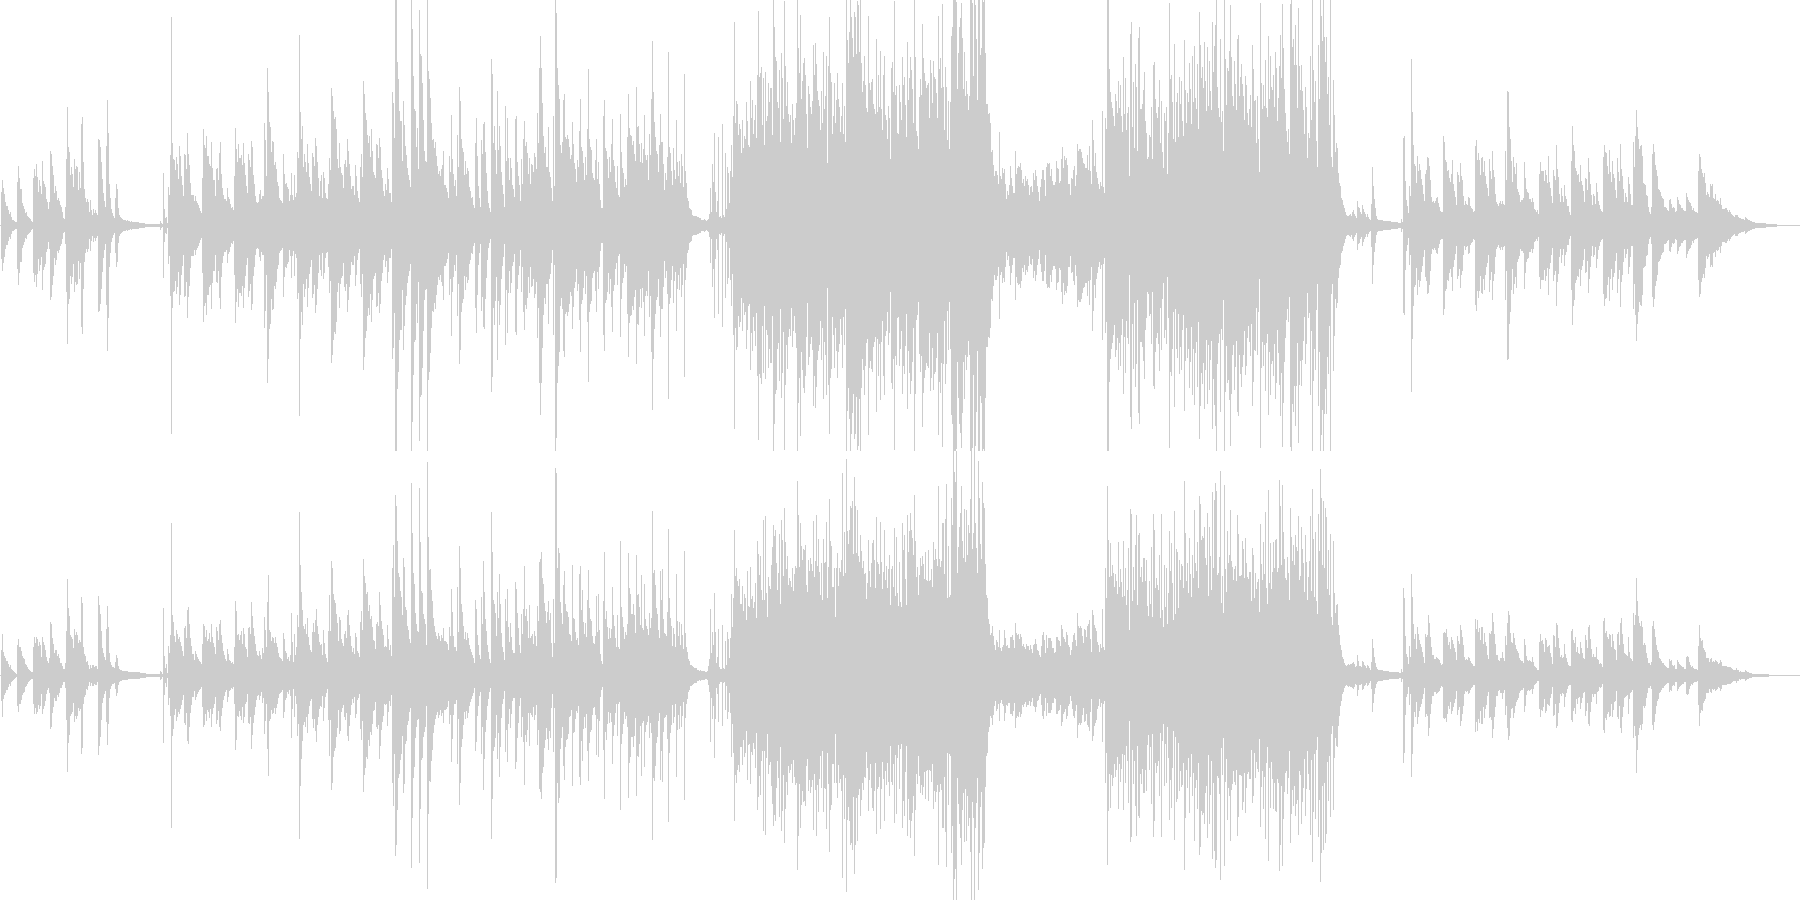 優しい雰囲気のJazzピアノ トリオ構成の未再生の波形